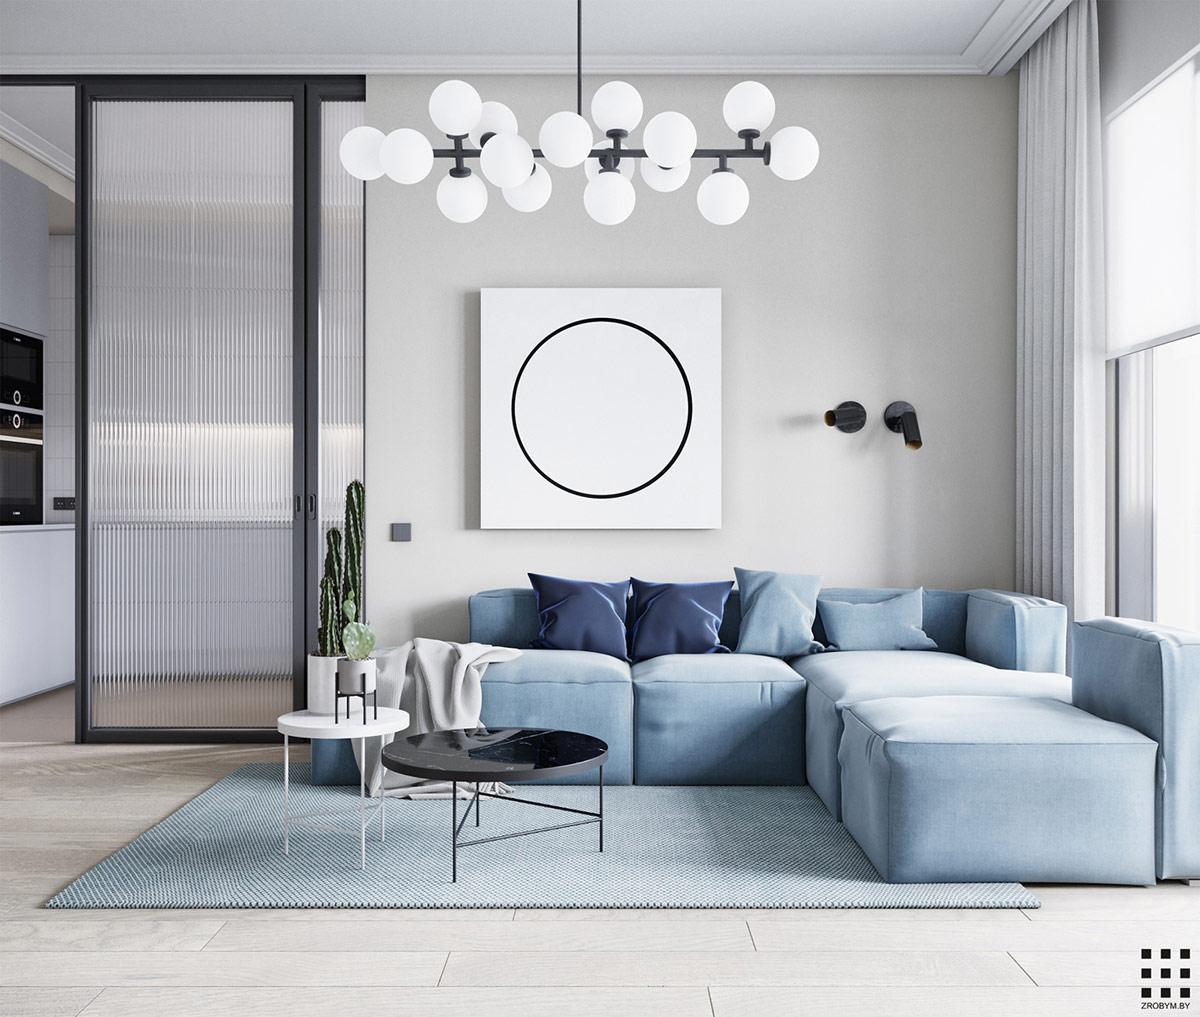 طراحی داخلی آپارتمان آبی با تم دایره ایی - Circle Themed Apartment 1 1